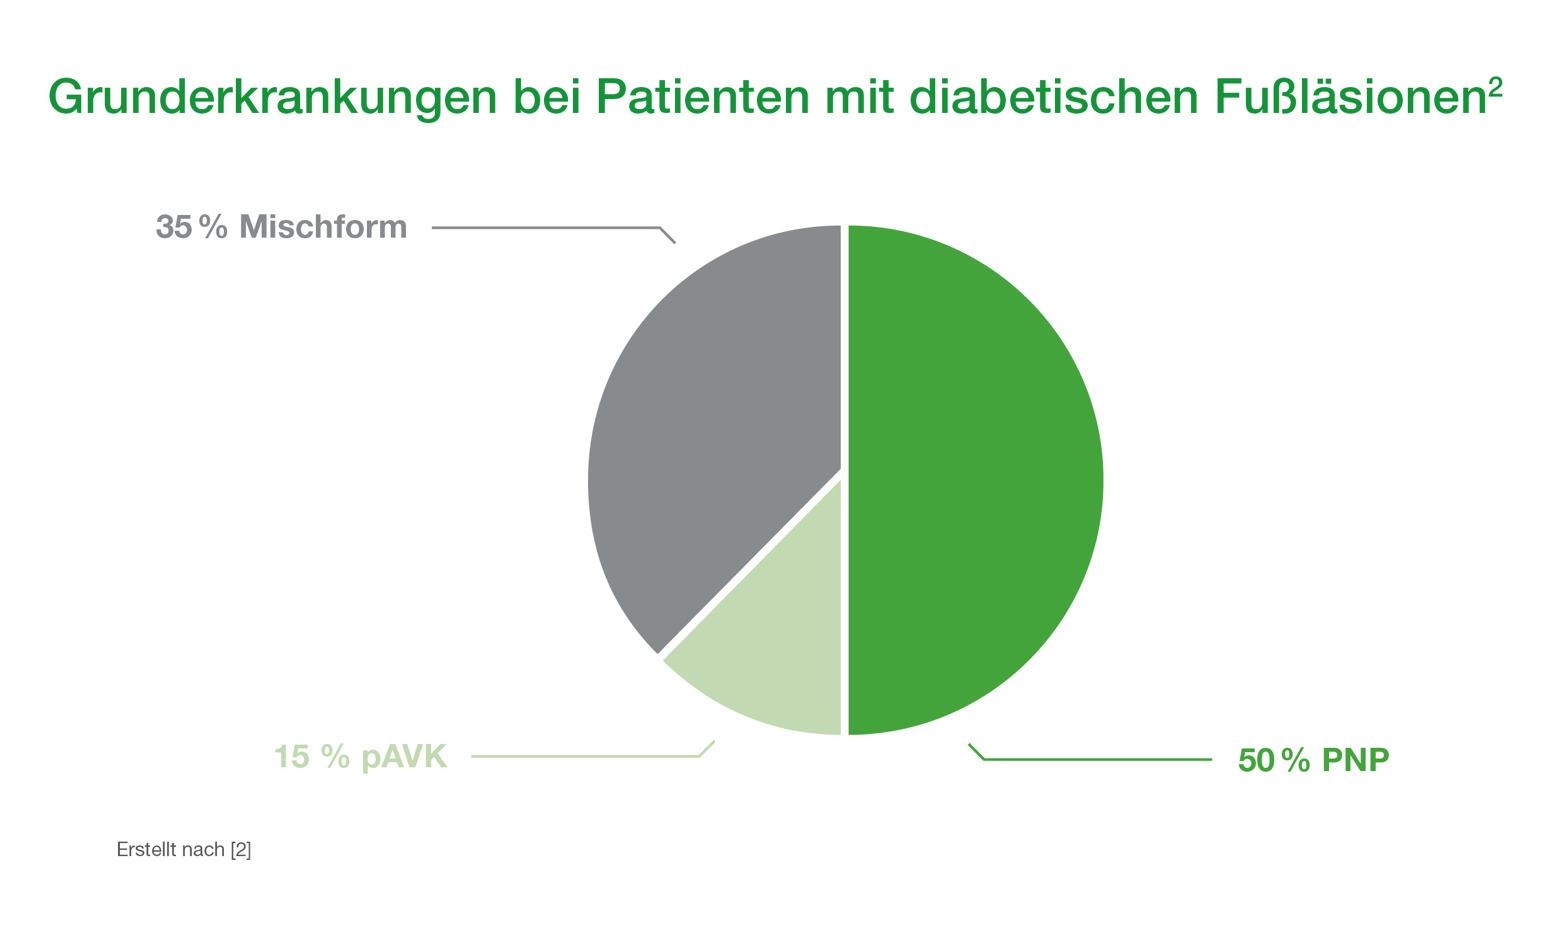 grunderkrankungenbeipatientenmitdiabetis